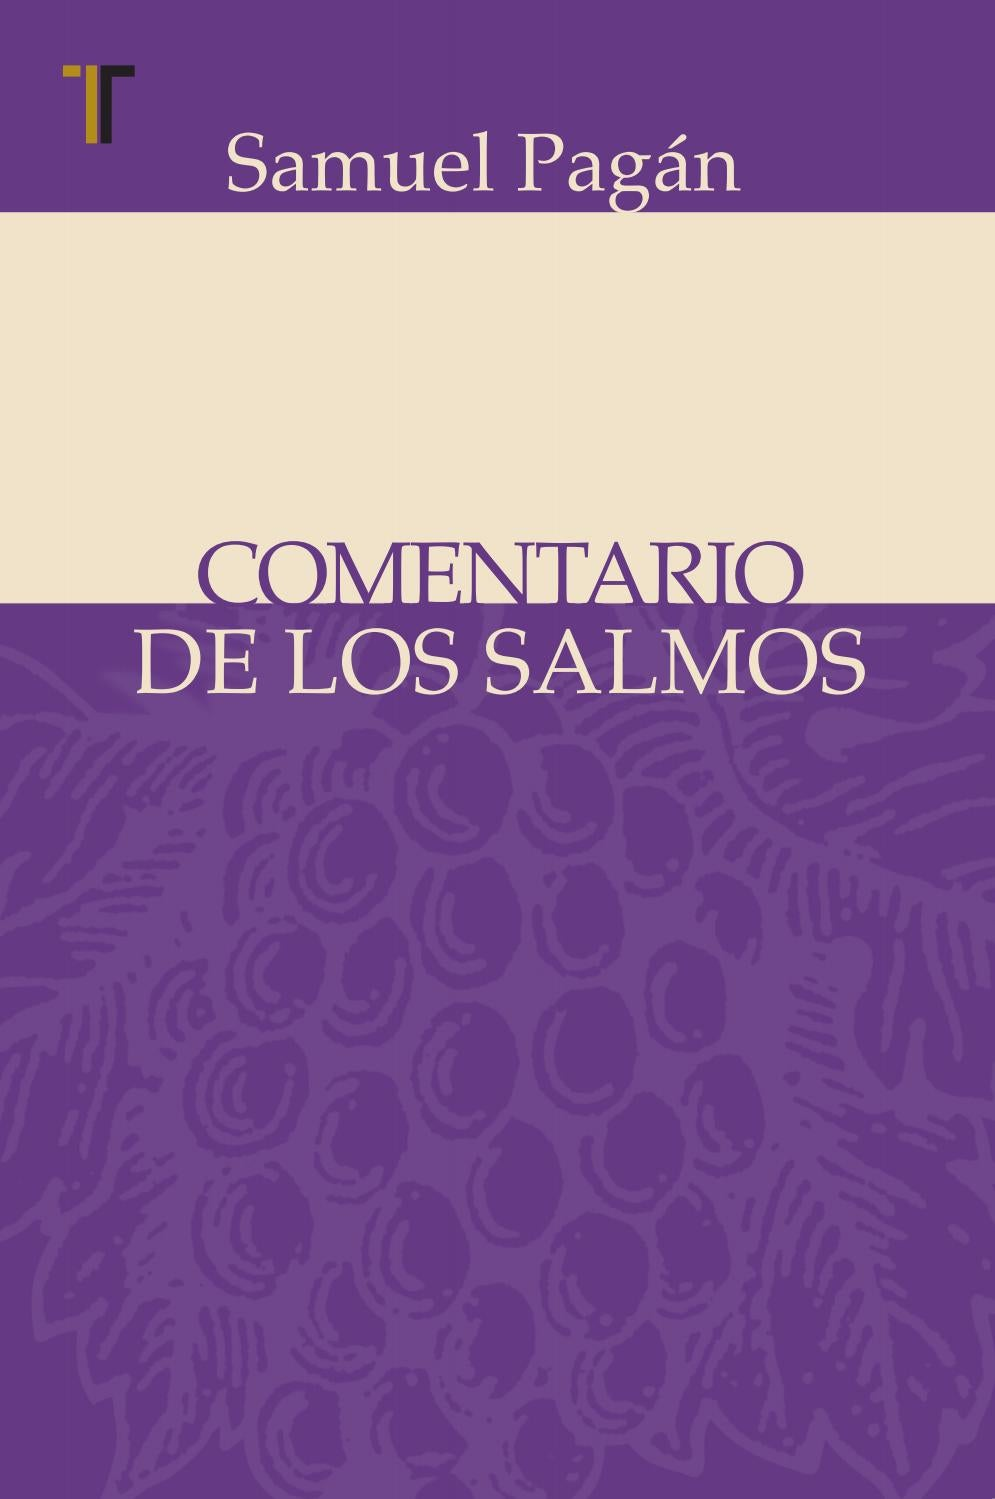 Comentario De Los Salmos By Editorial Patmos Issuu